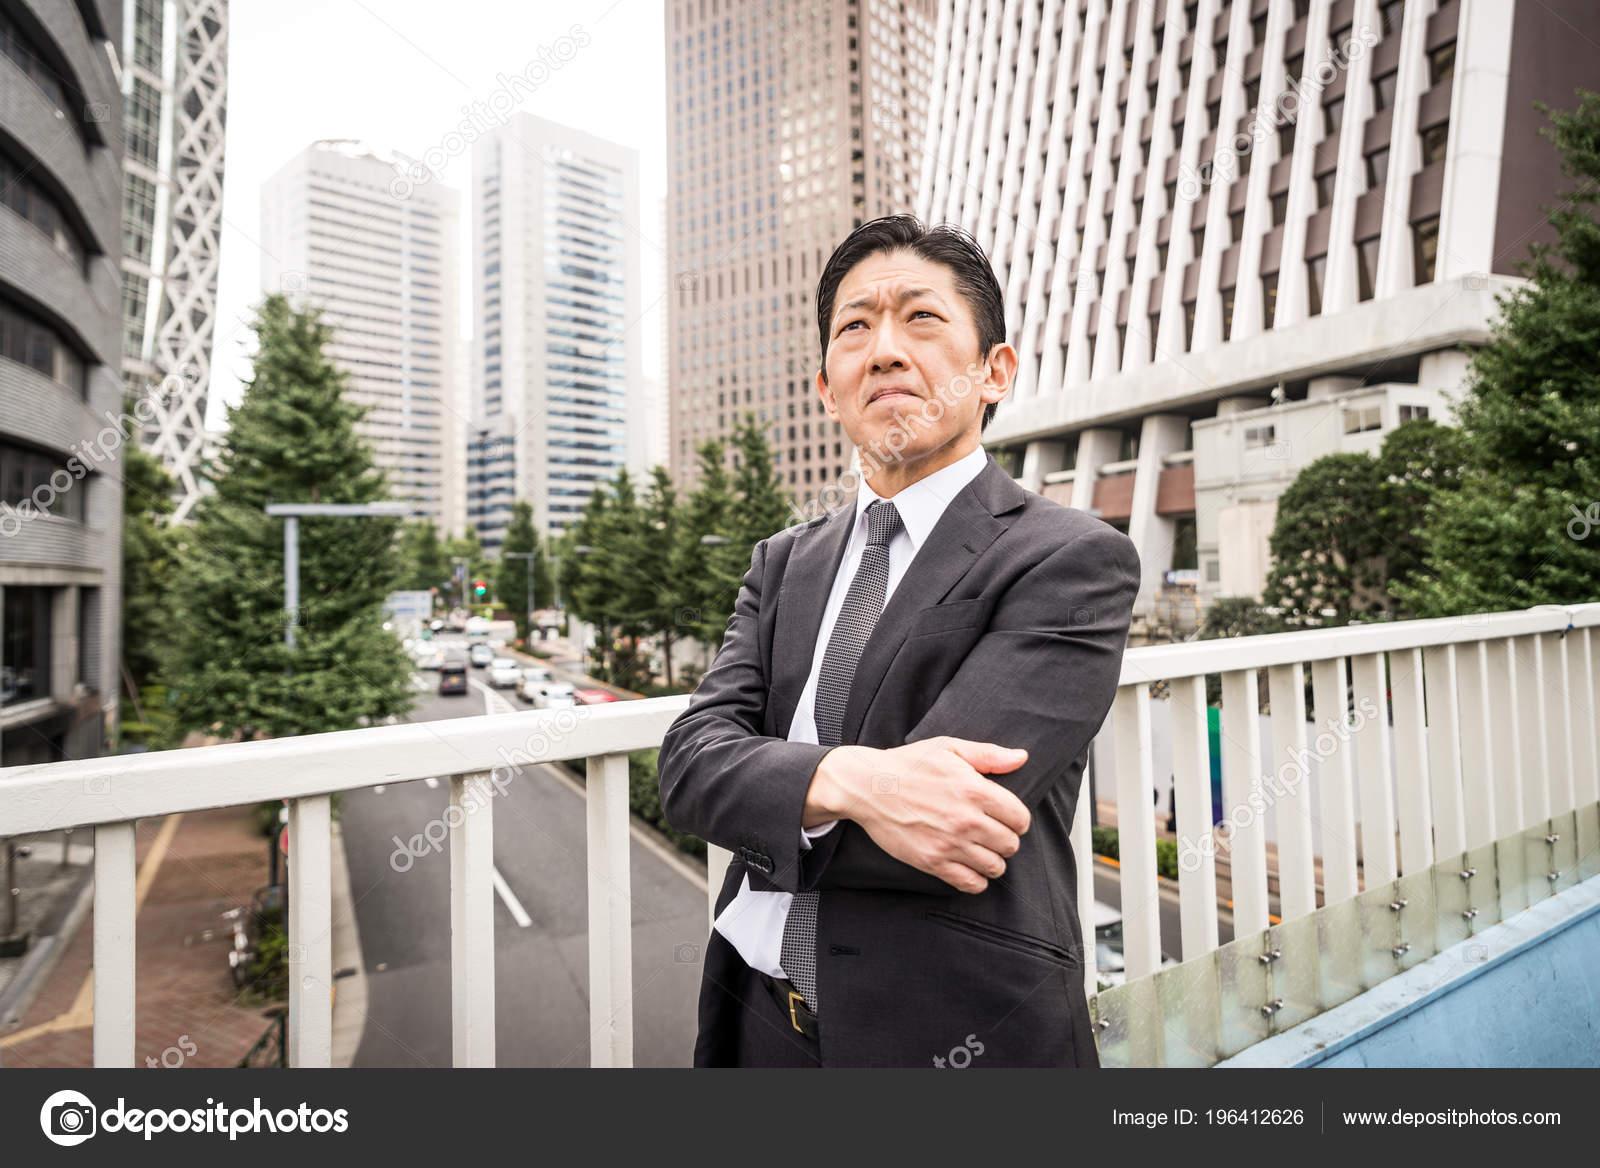 машины японские бизнесмены фото этом беззастенчиво копируют